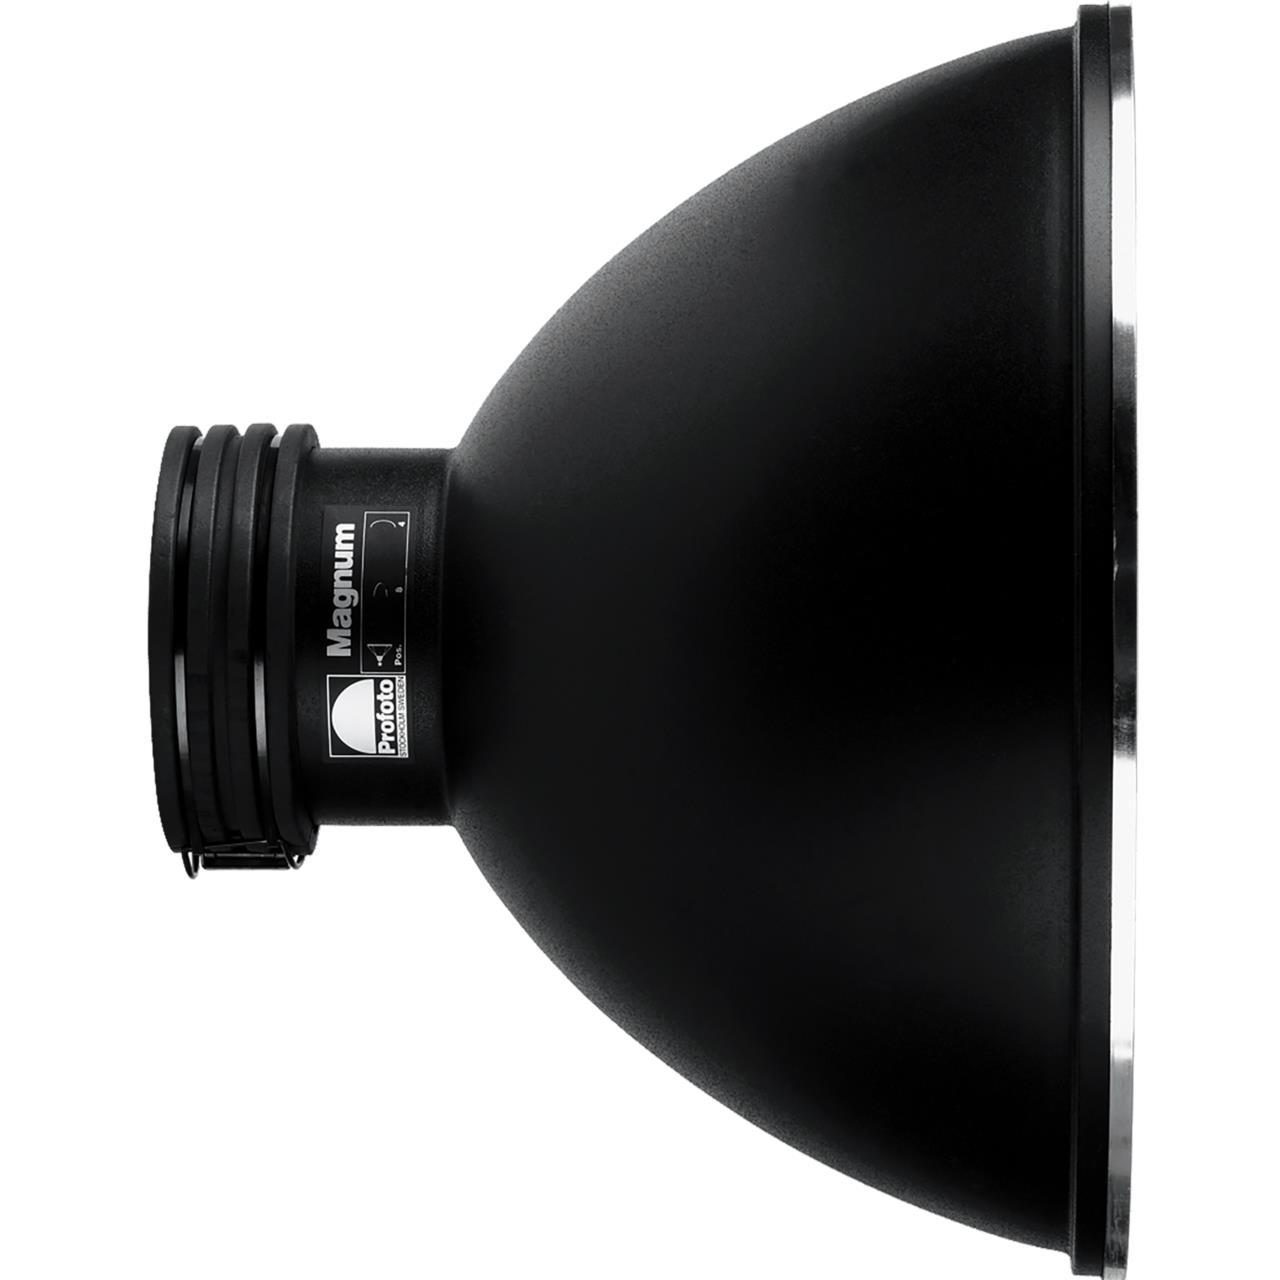 Profoto Magnum Reflektor - Profoto Magnum reflektor.Pris: 180,- eks. mva